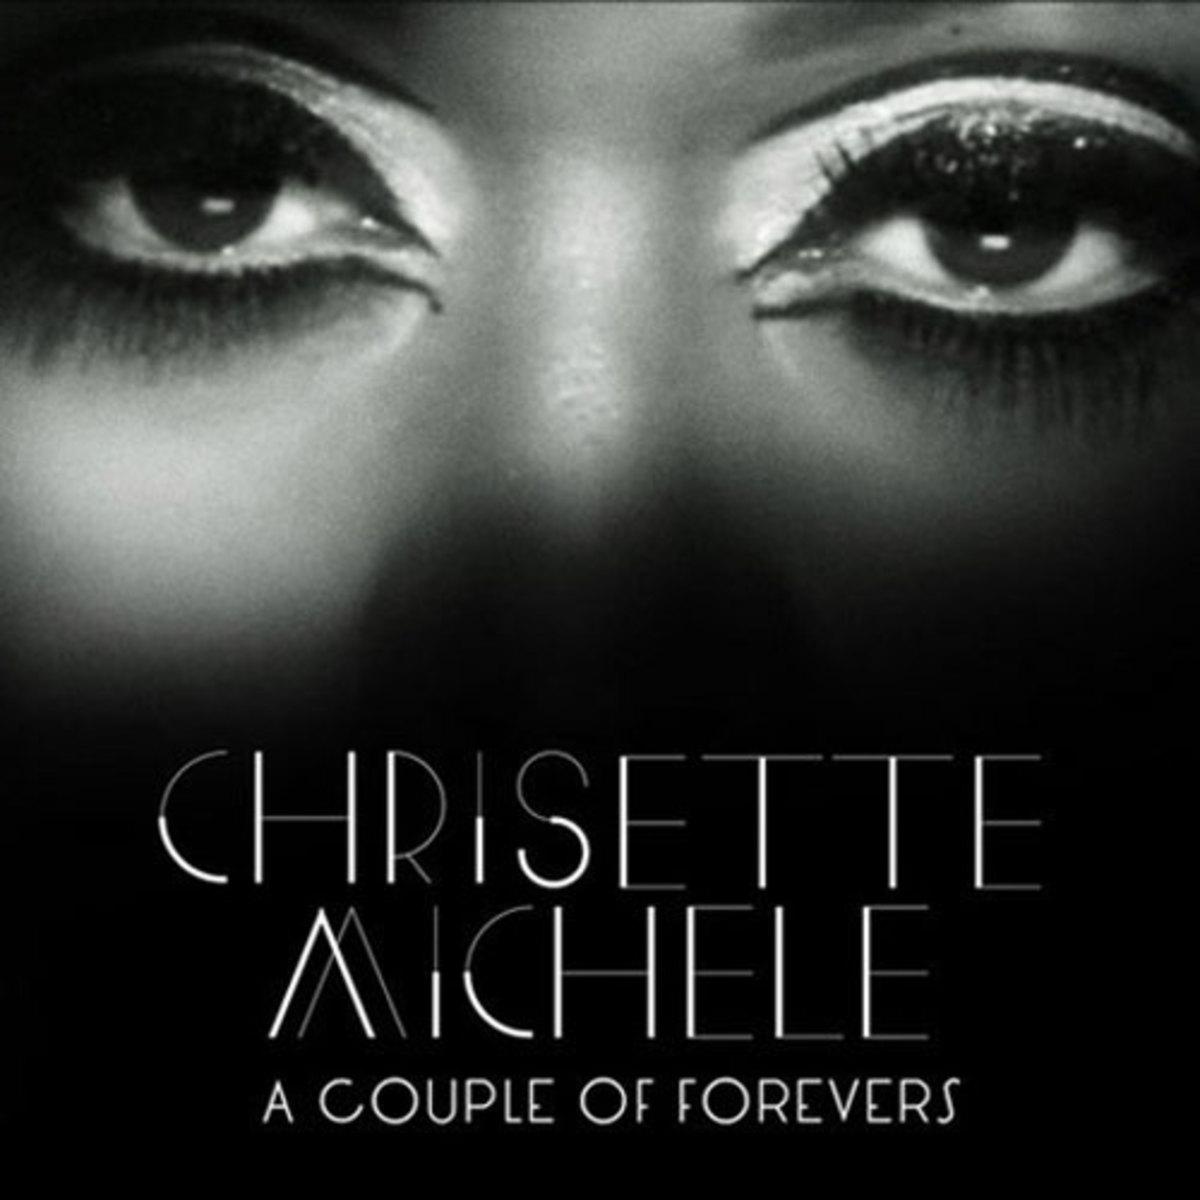 chrisettemichele-forevers.jpg